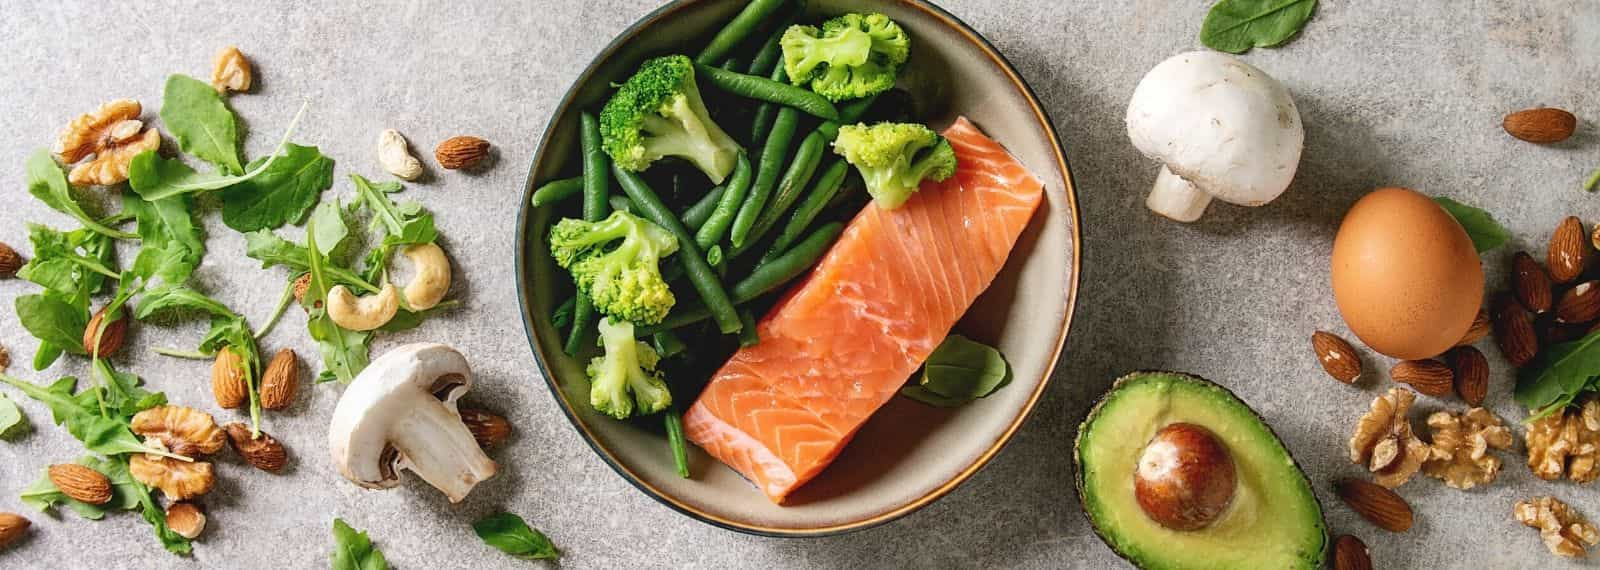 Corona-Kilos verlieren durch gesunde Ernährung